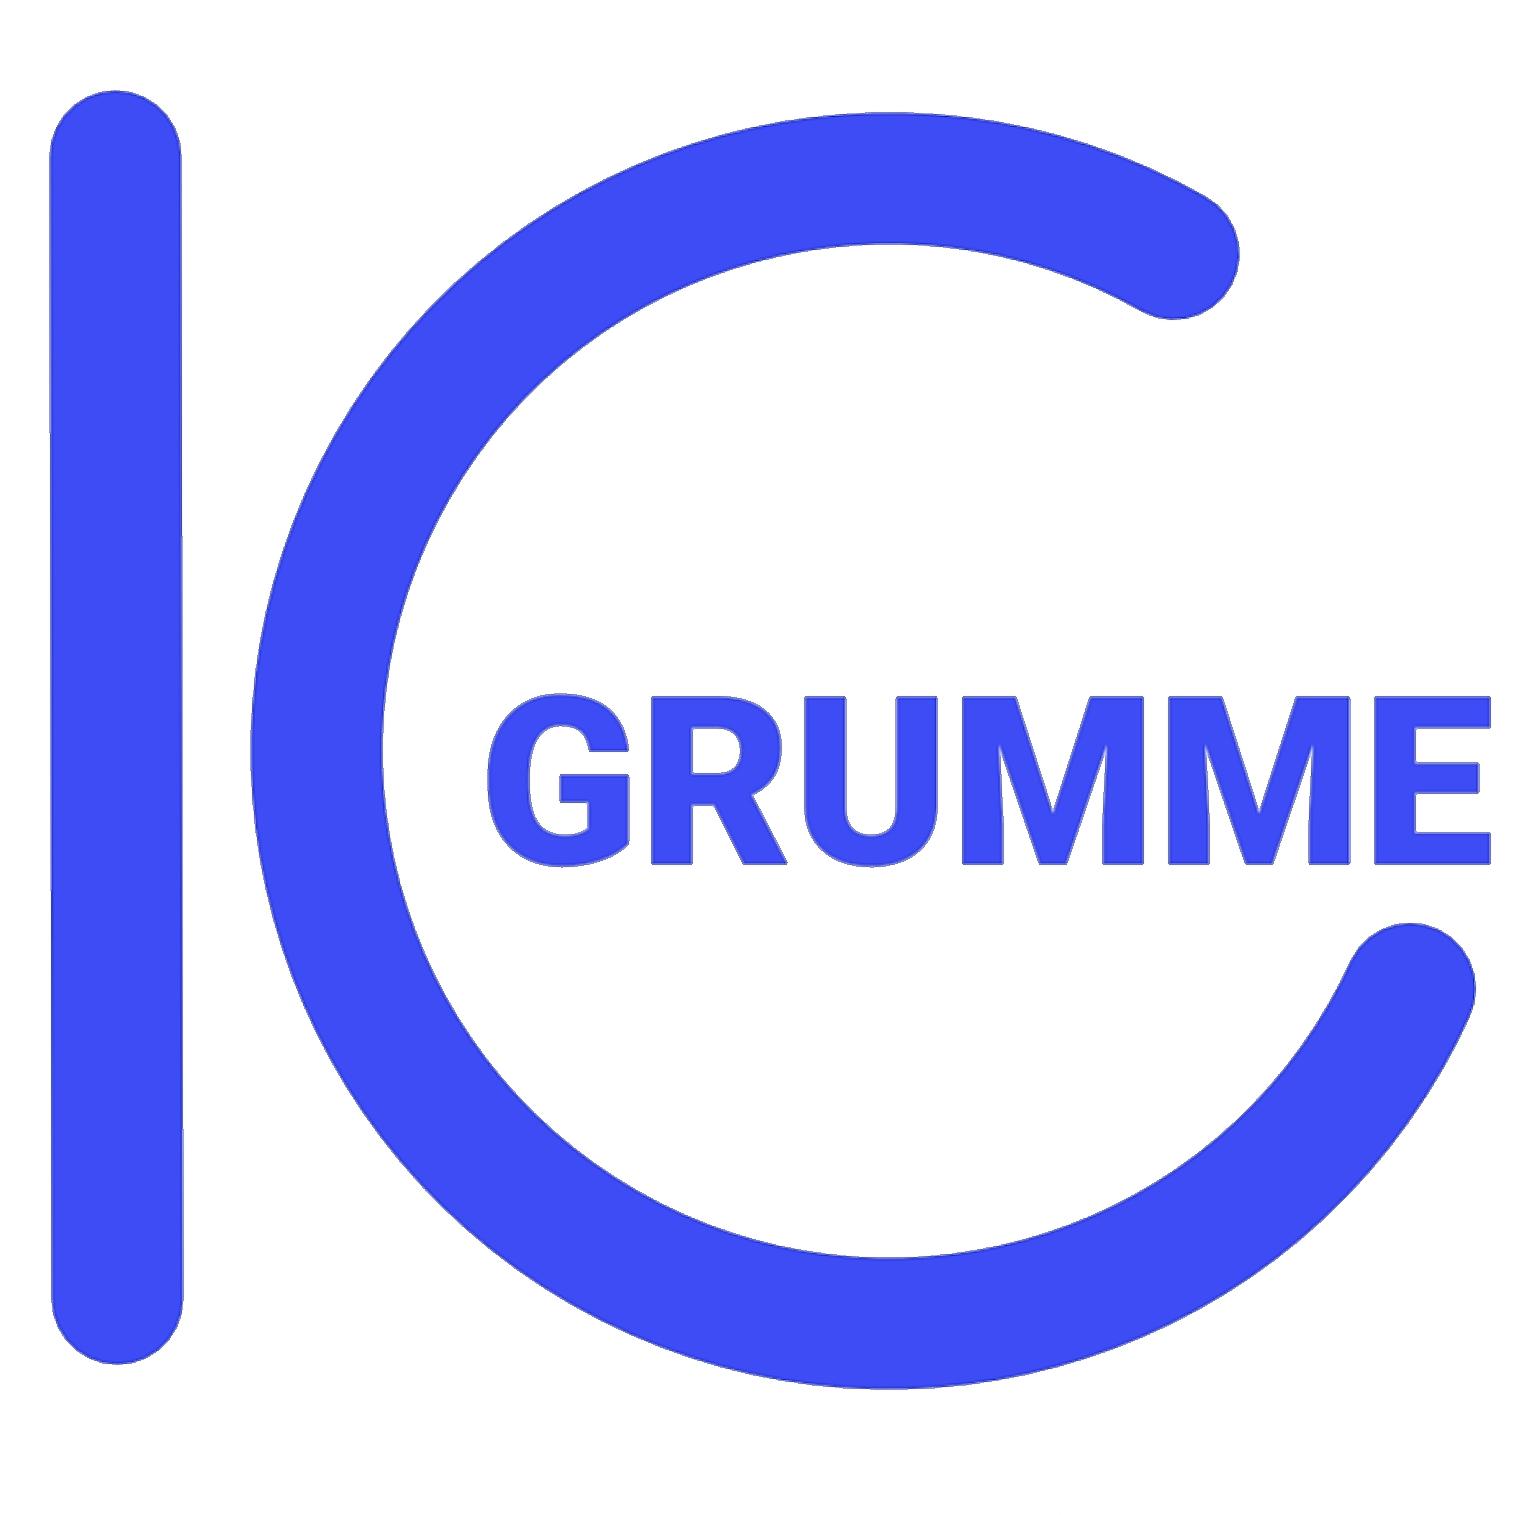 IG-Grumme